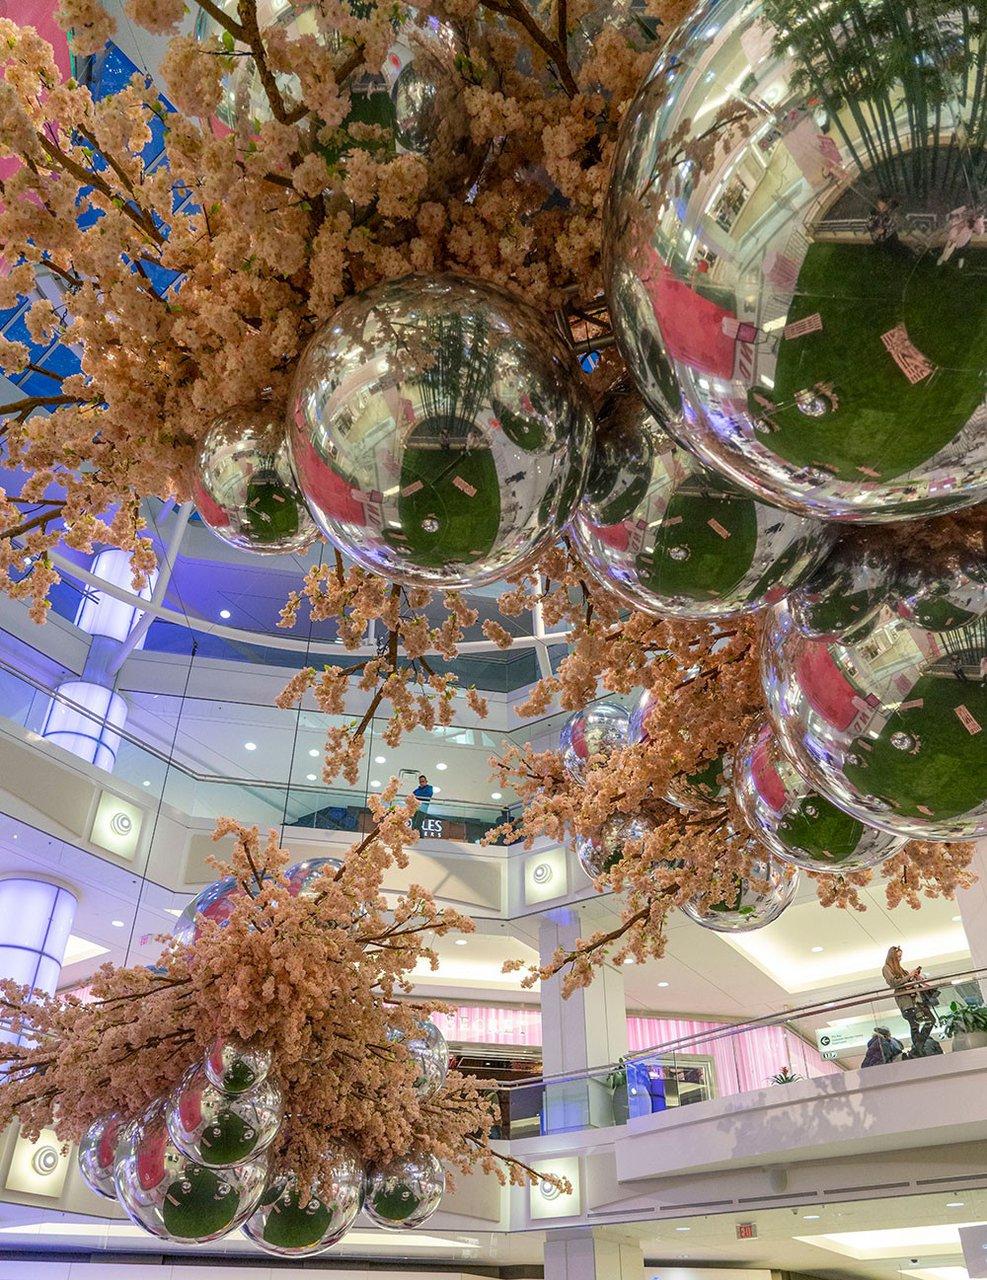 Blossom at Metropolis photo Metropolis_Blossom_BZC6789_web.jpg